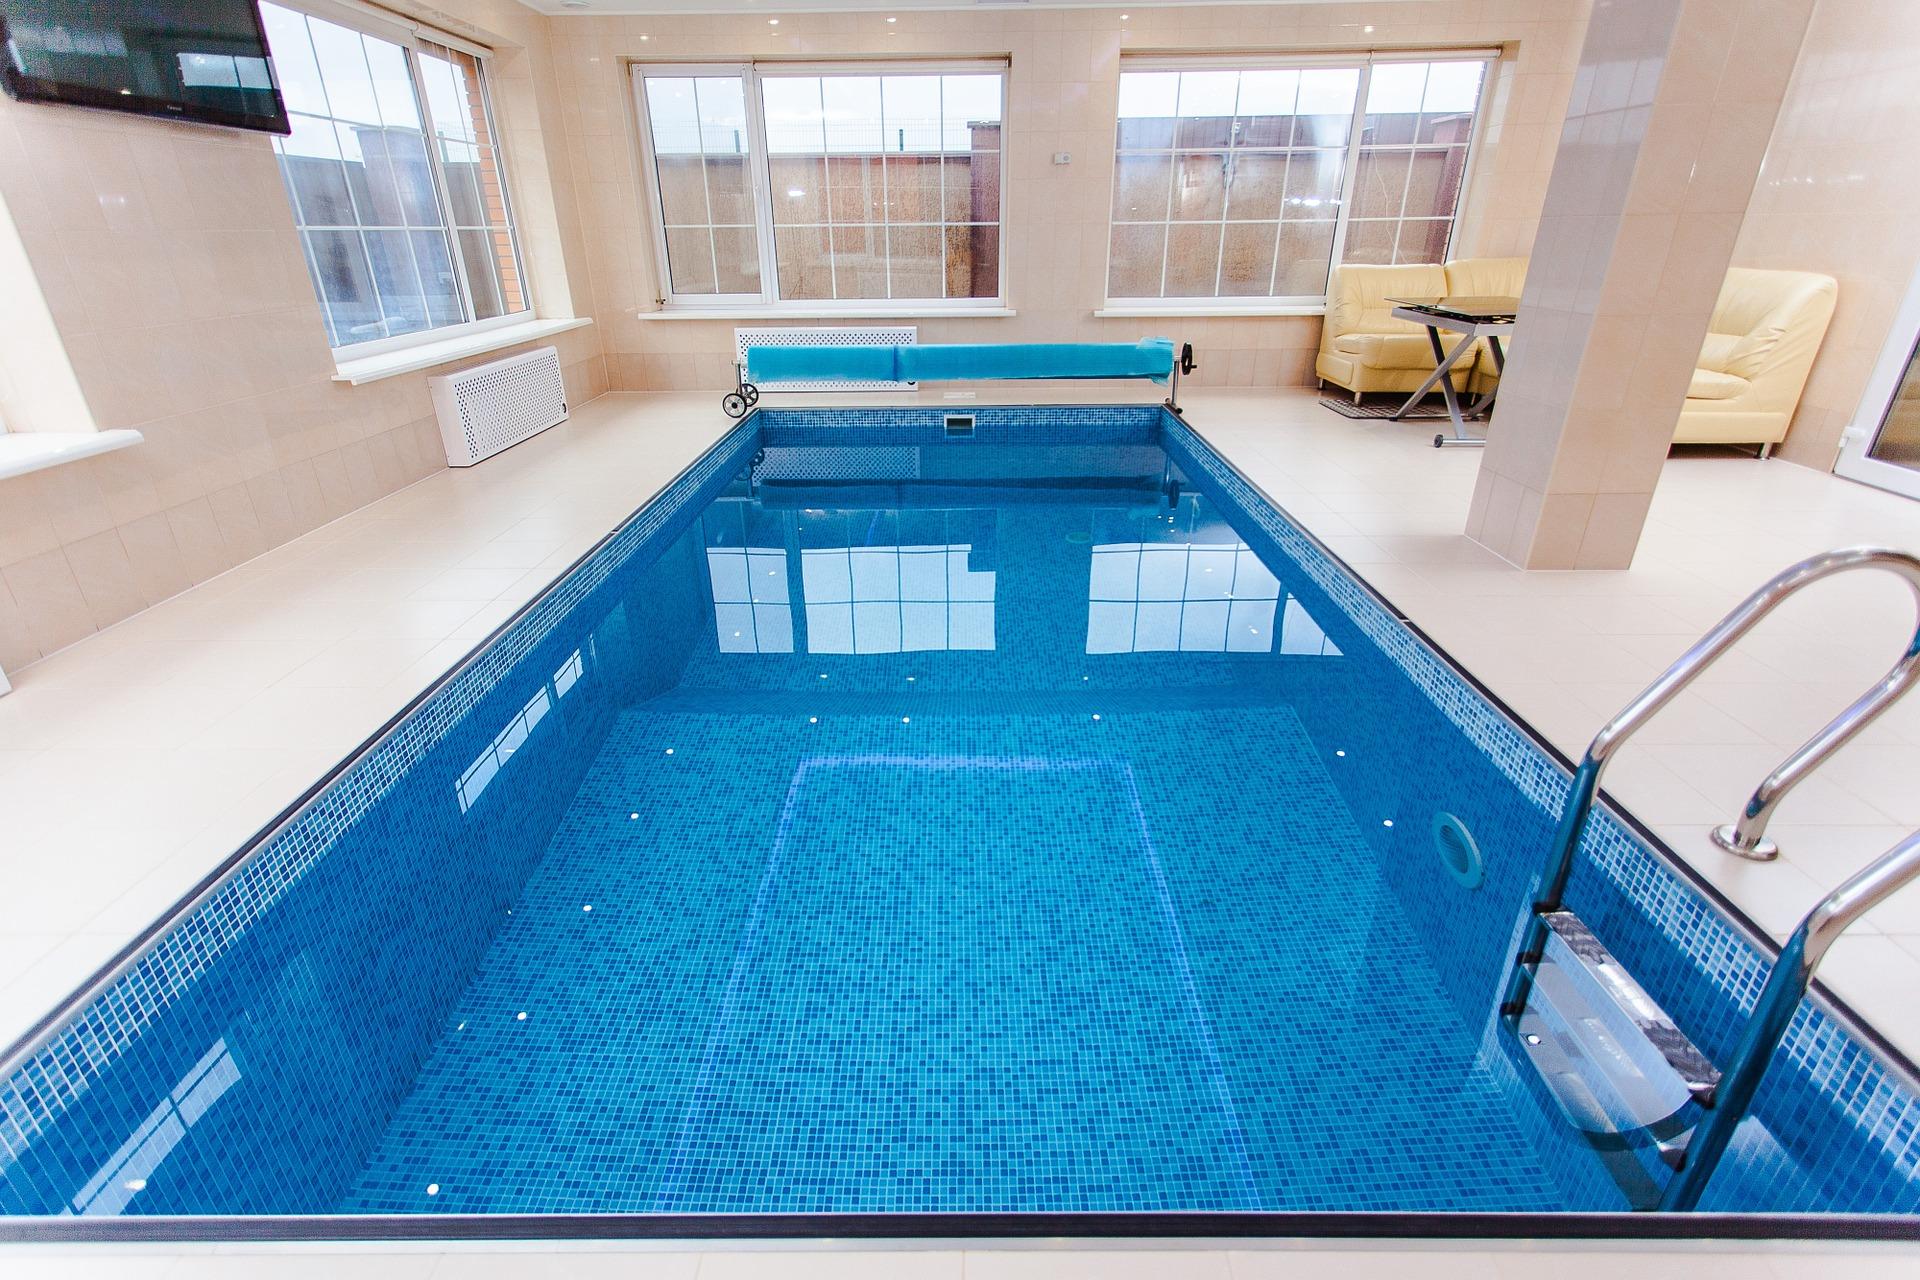 Analisi delle acque di piscine